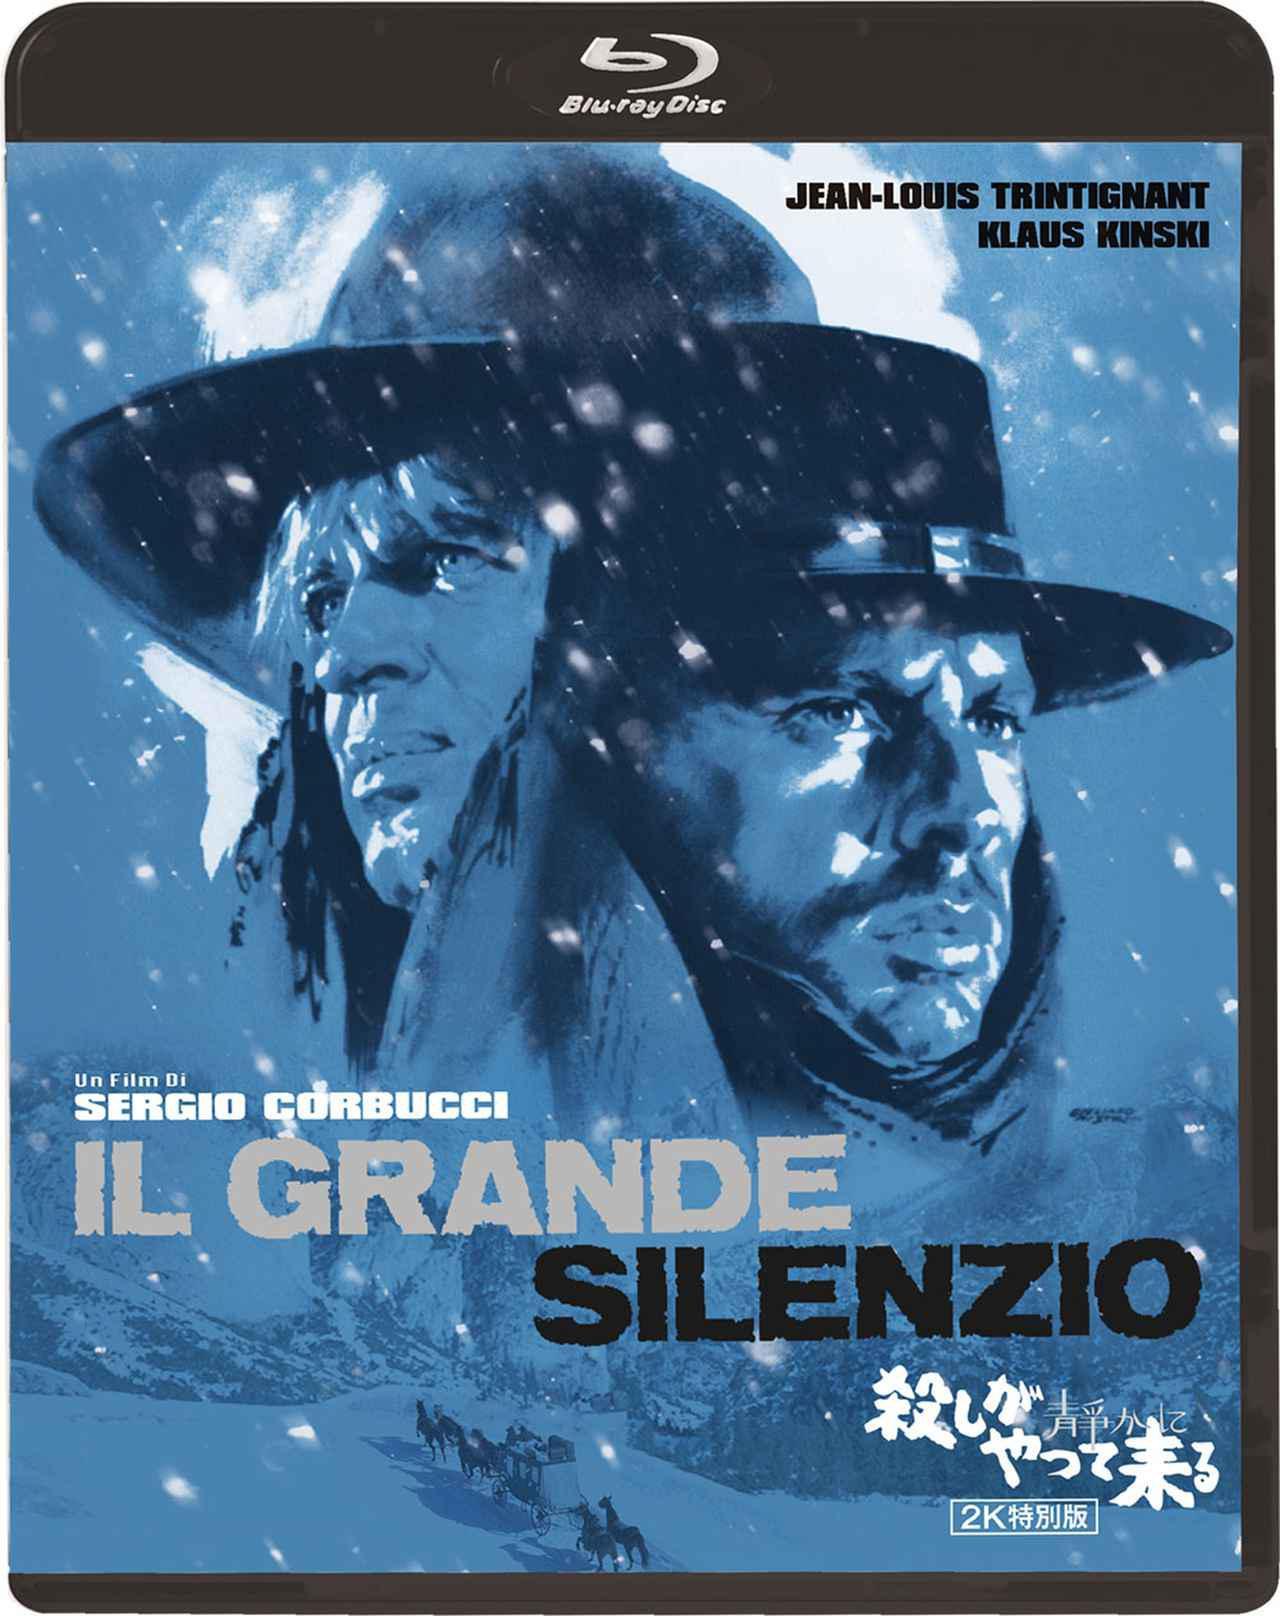 画像2: マカロニ監督「セルジオ・コルブッチ」の代表作『続・荒野の用心棒』&『殺しが静かにやって来る』のブルーレイ&DVDが、新マスター仕様で9月16日に発売